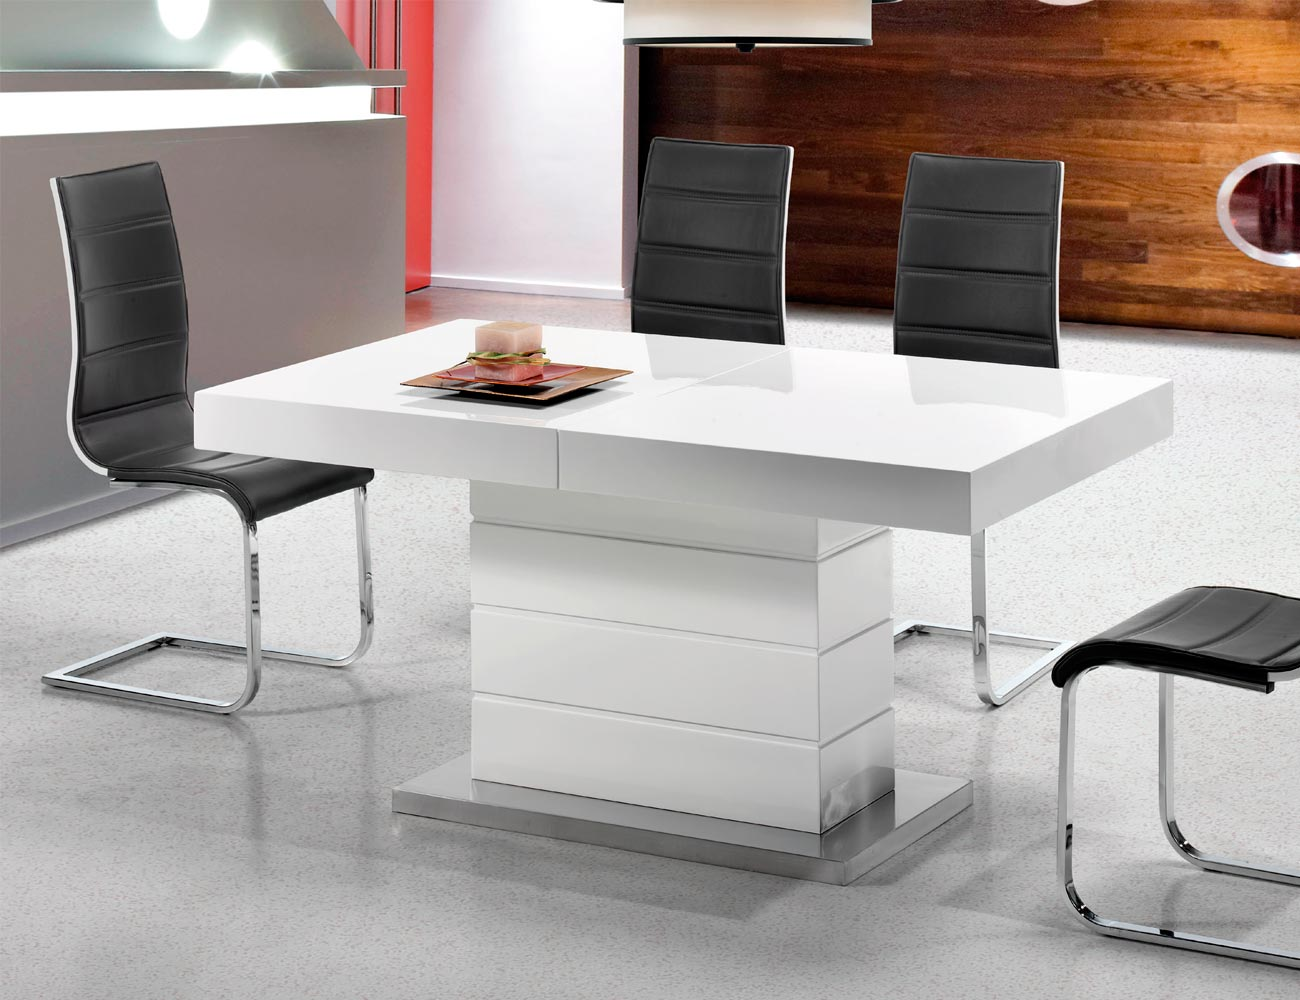 Mesa comedor lacada blanca alto brillo extensible acero 1